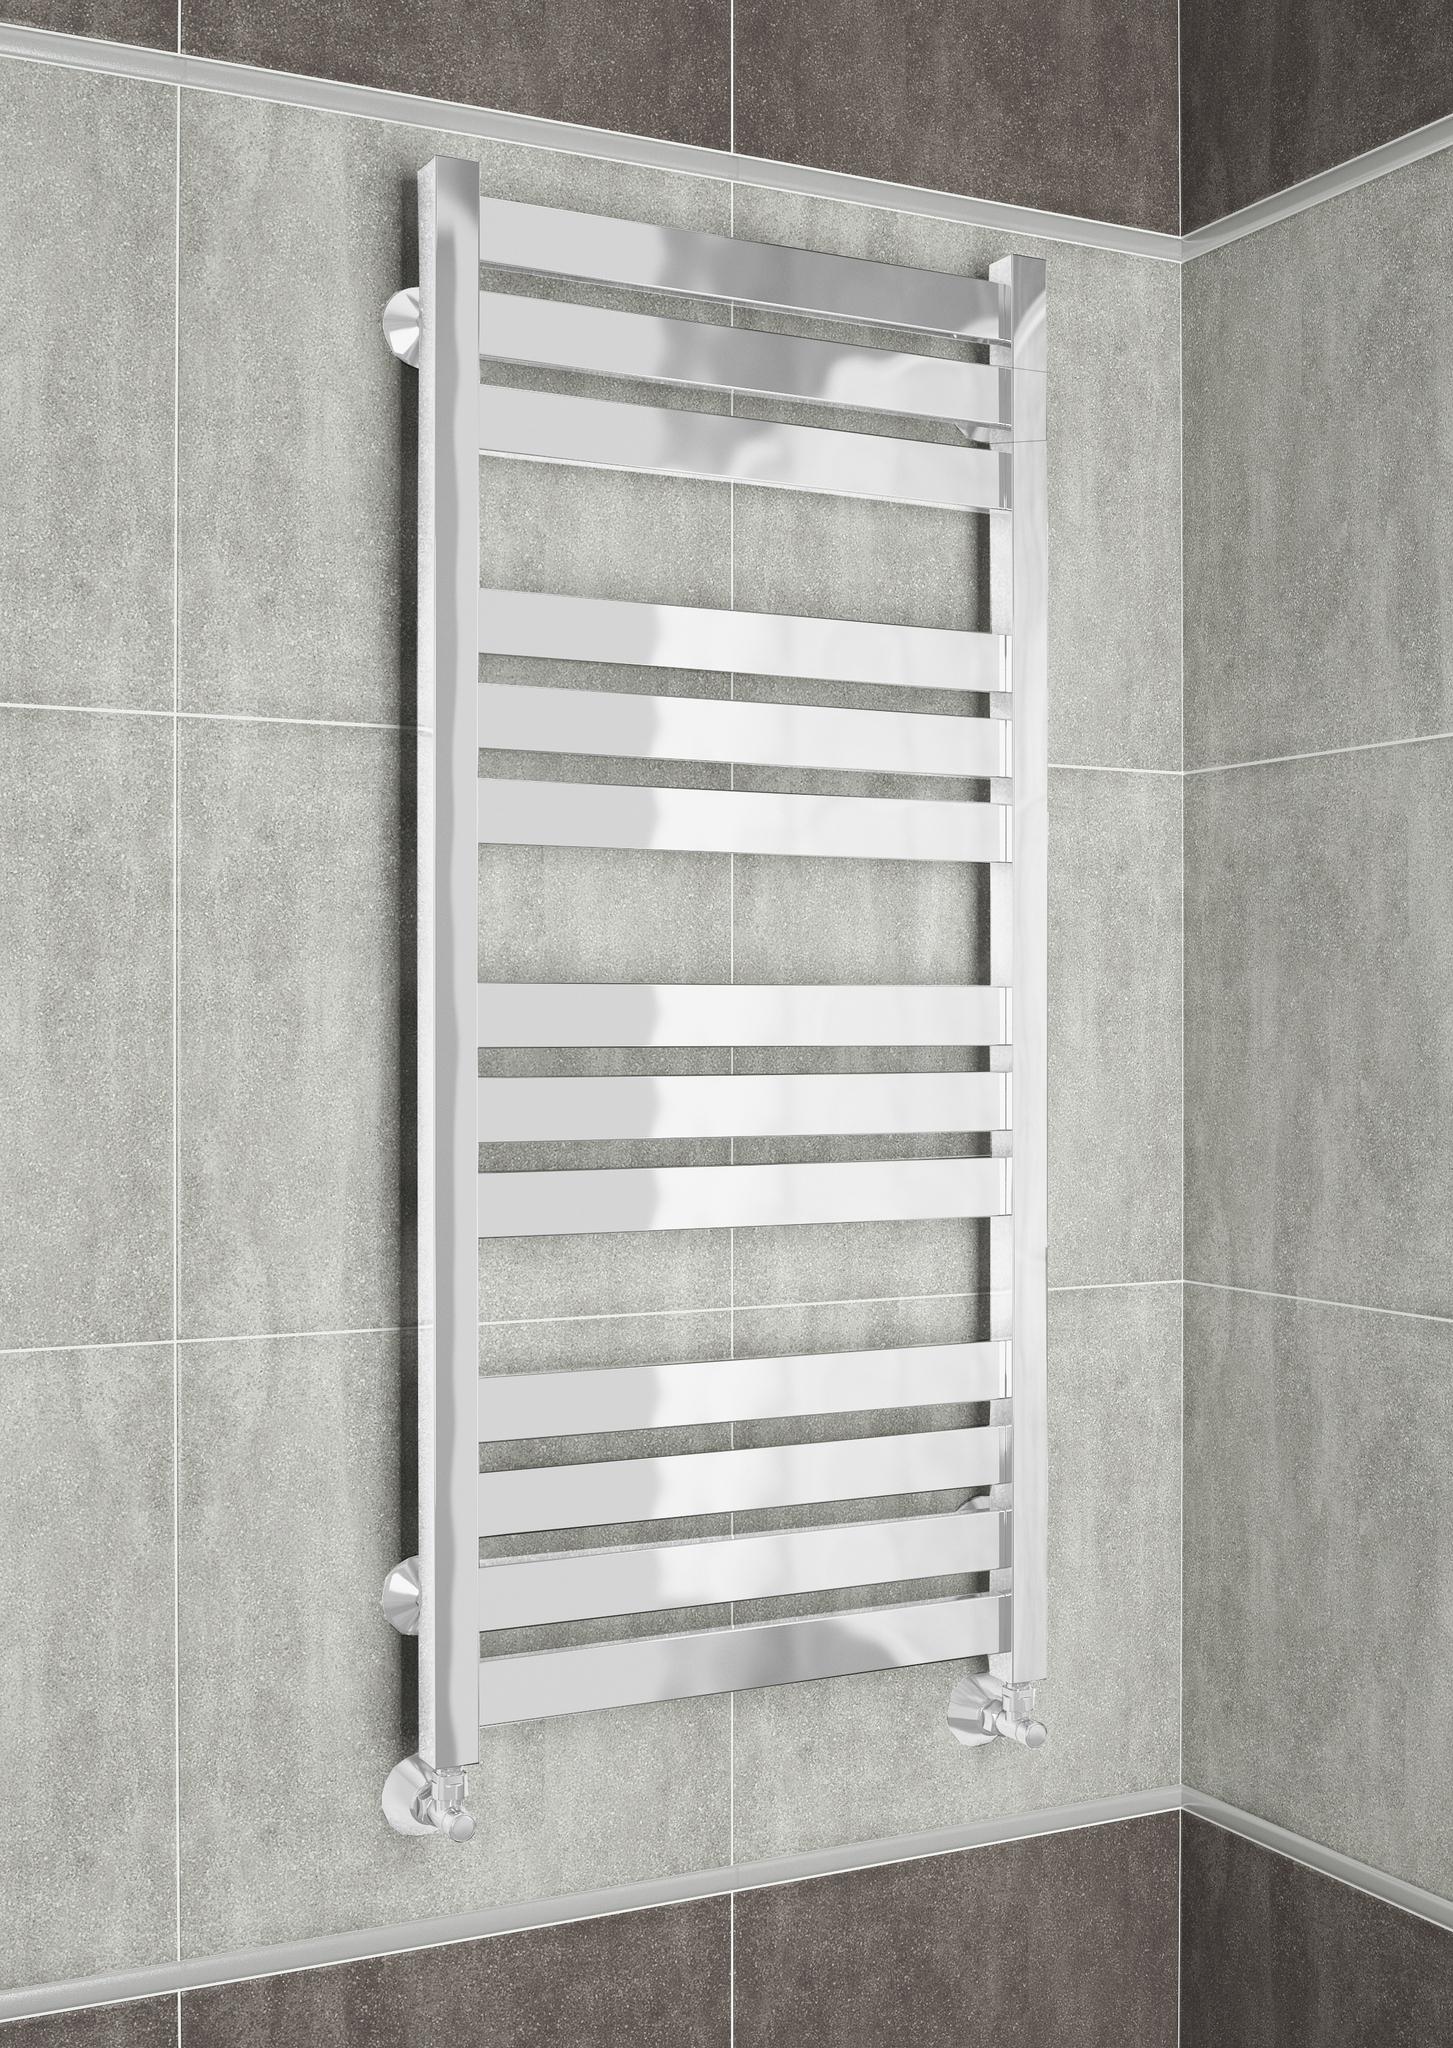 Latte White - белый дизайн полотенцесушитель с квадратными вертикалями.